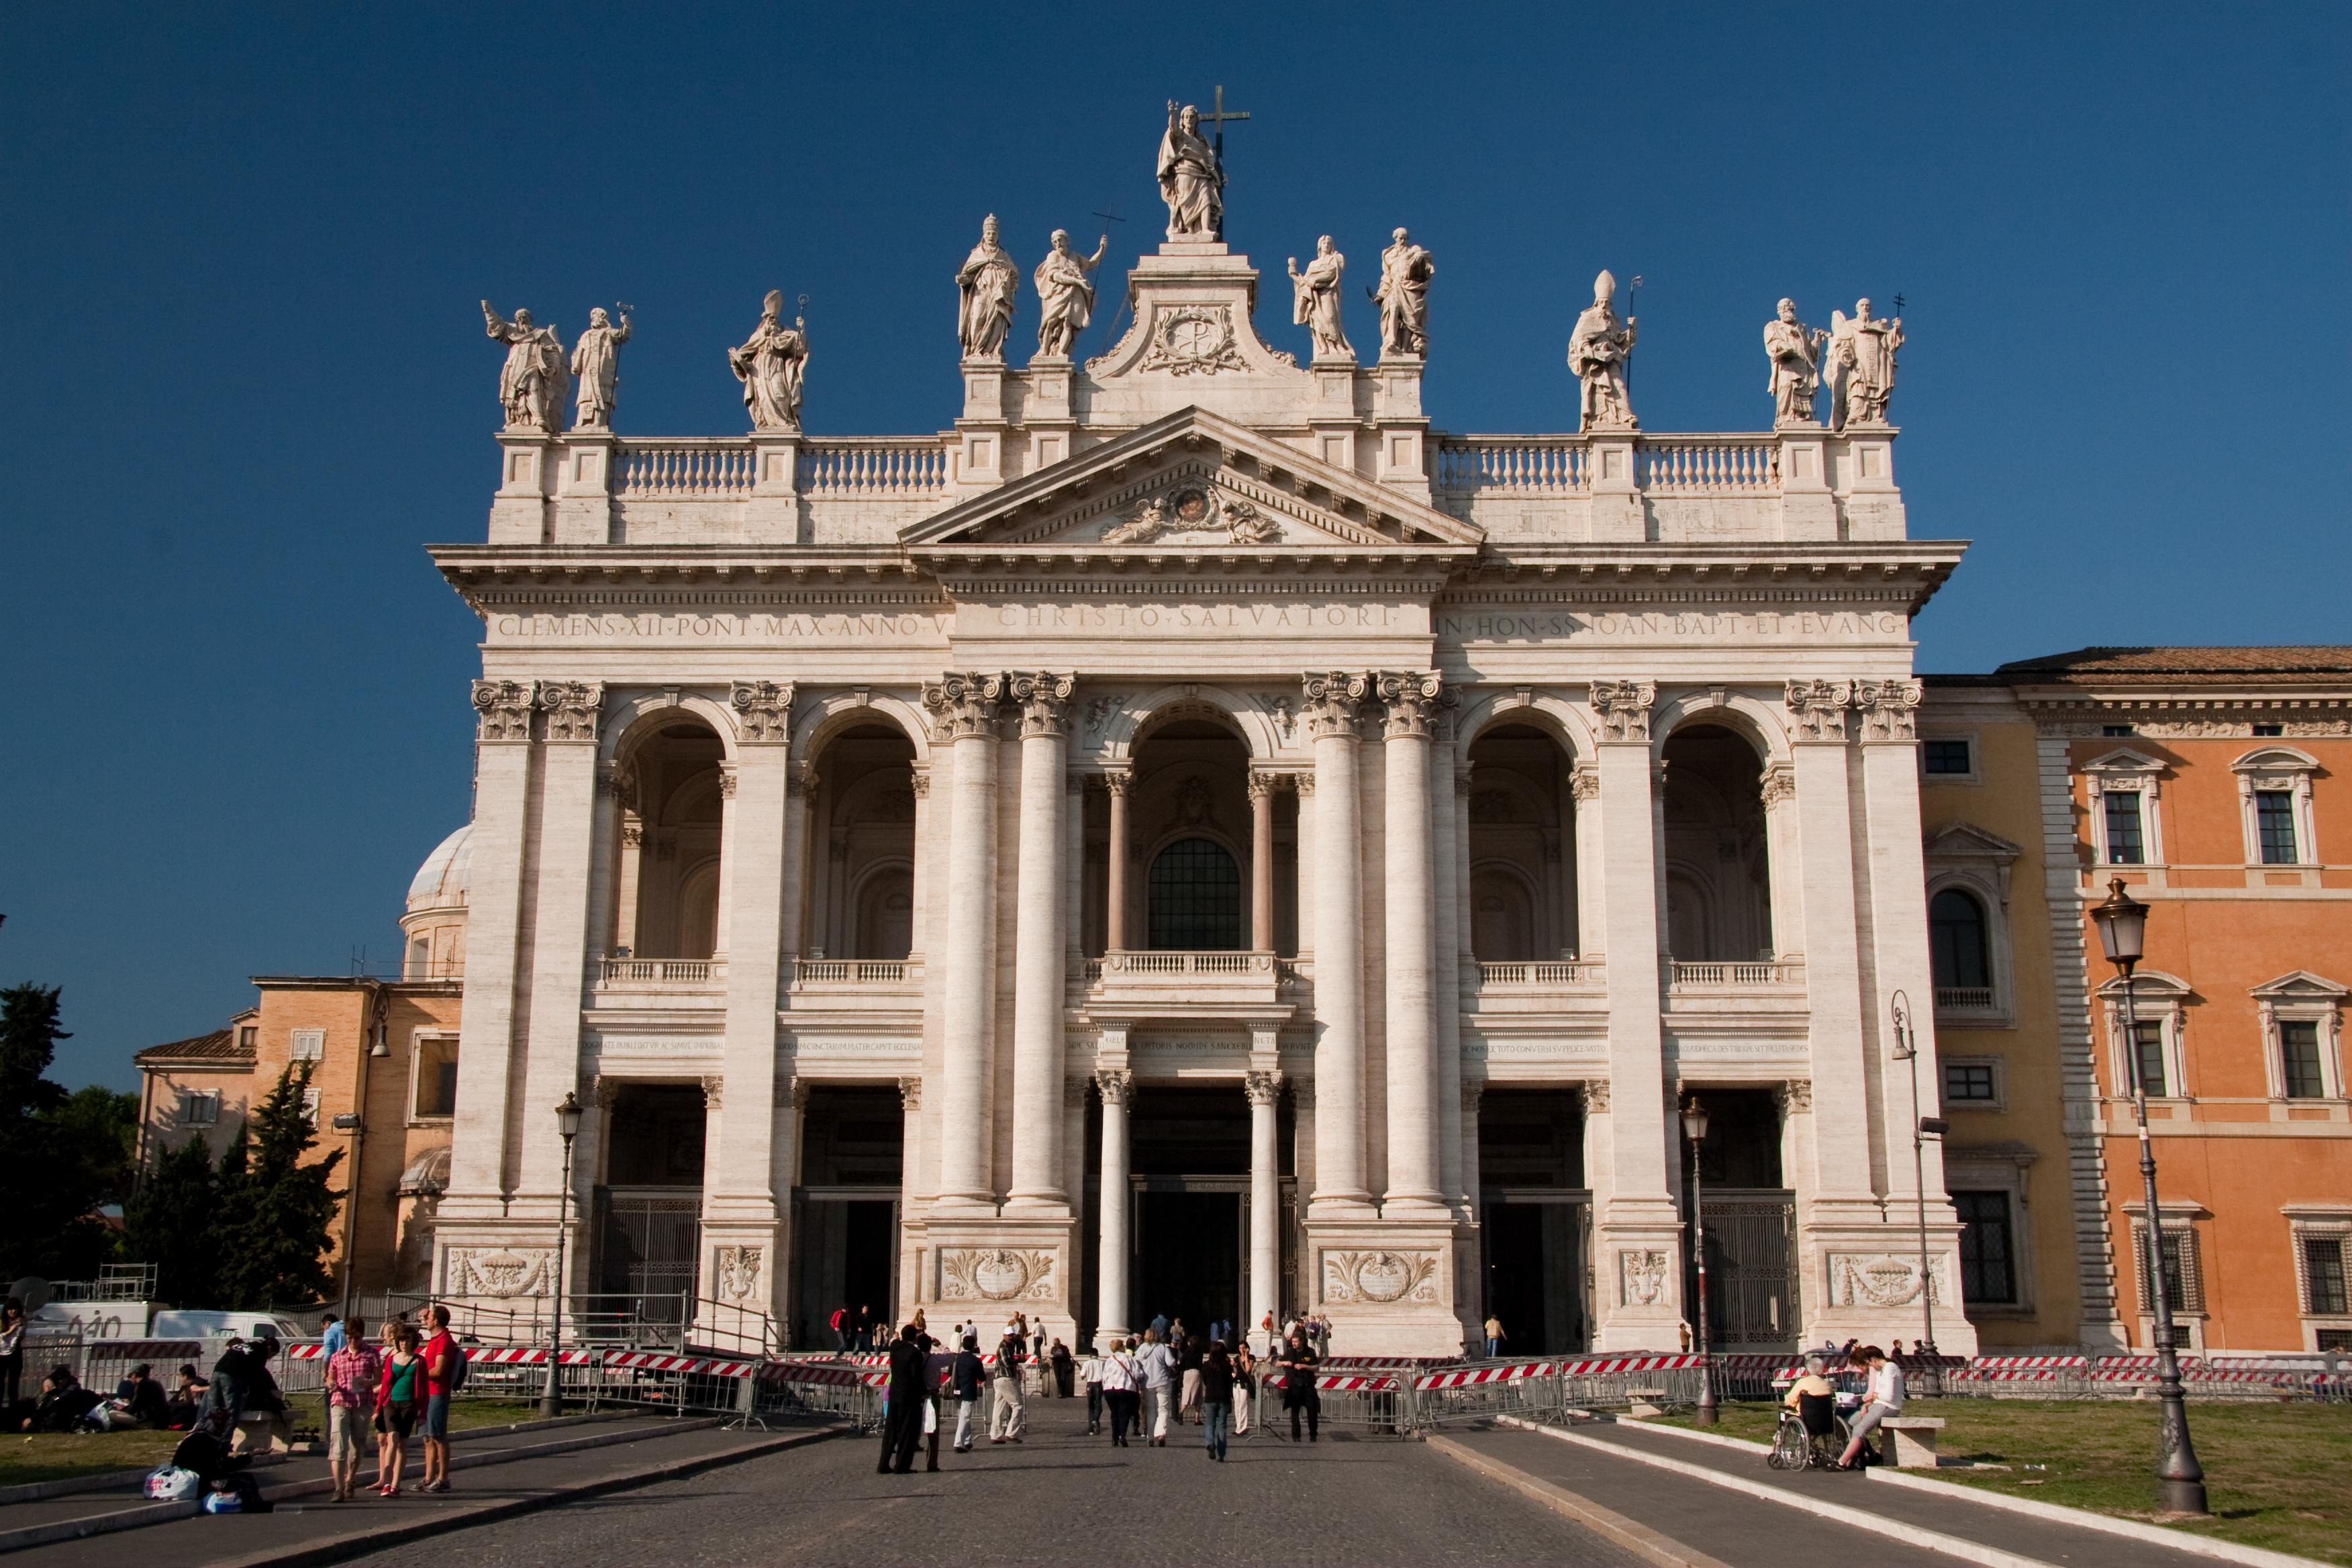 Basilica di San Giovanni in Laterano cattedrale di Roma e per questo considerata chiesa madre del mondo cattolico